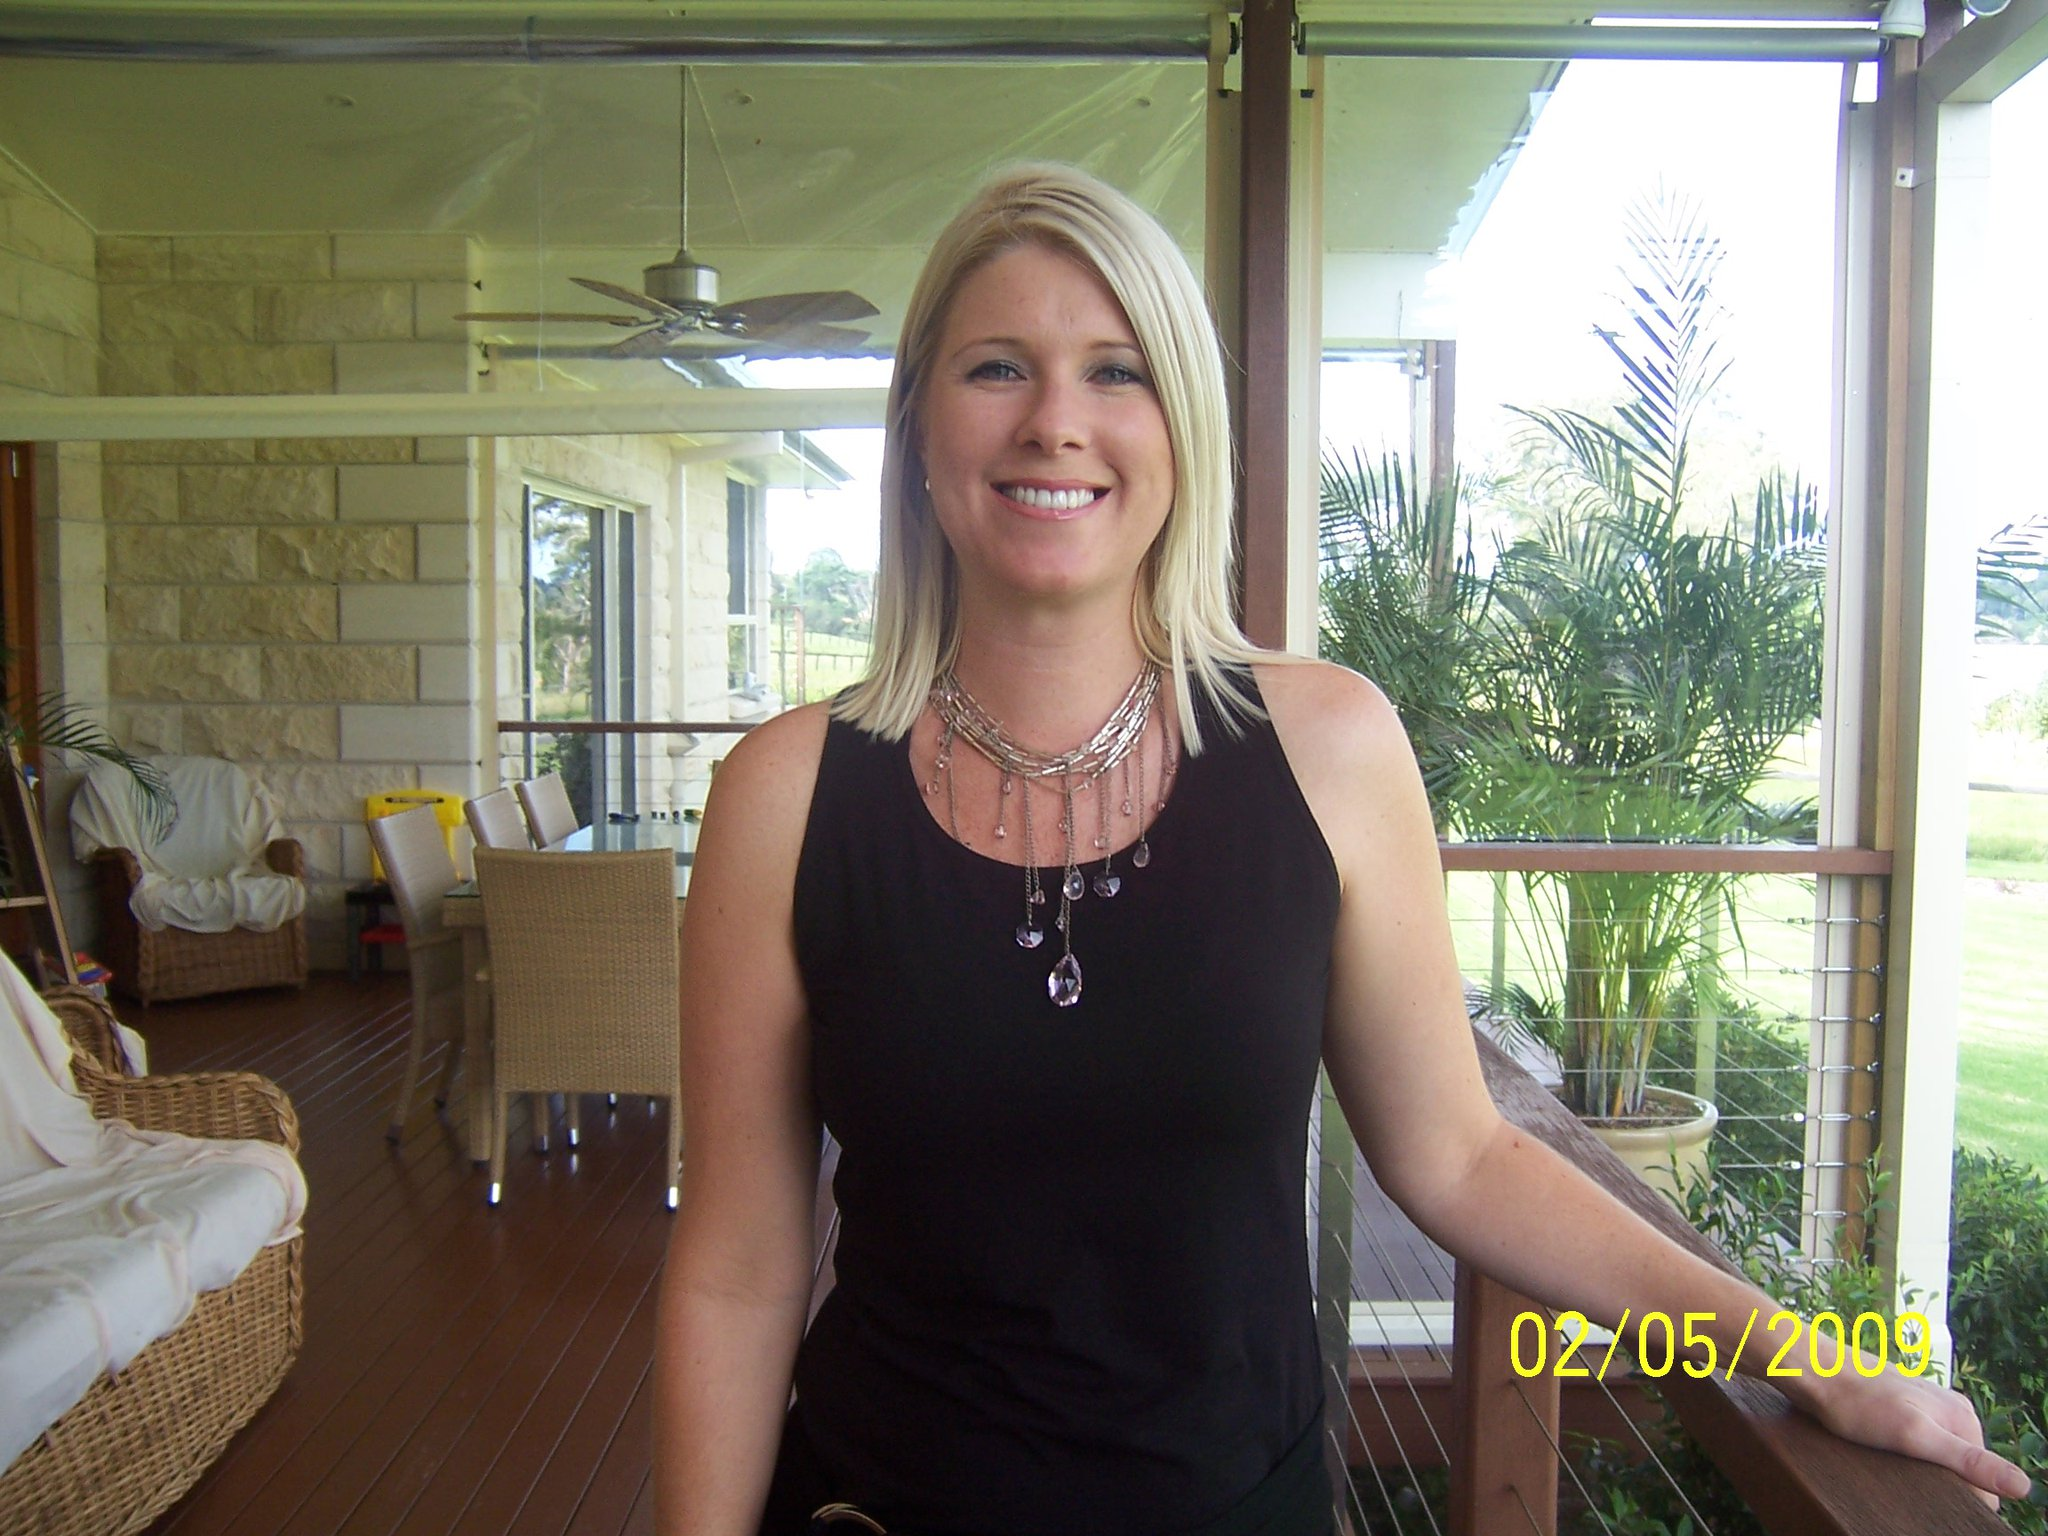 Sarah Thistlethwaite